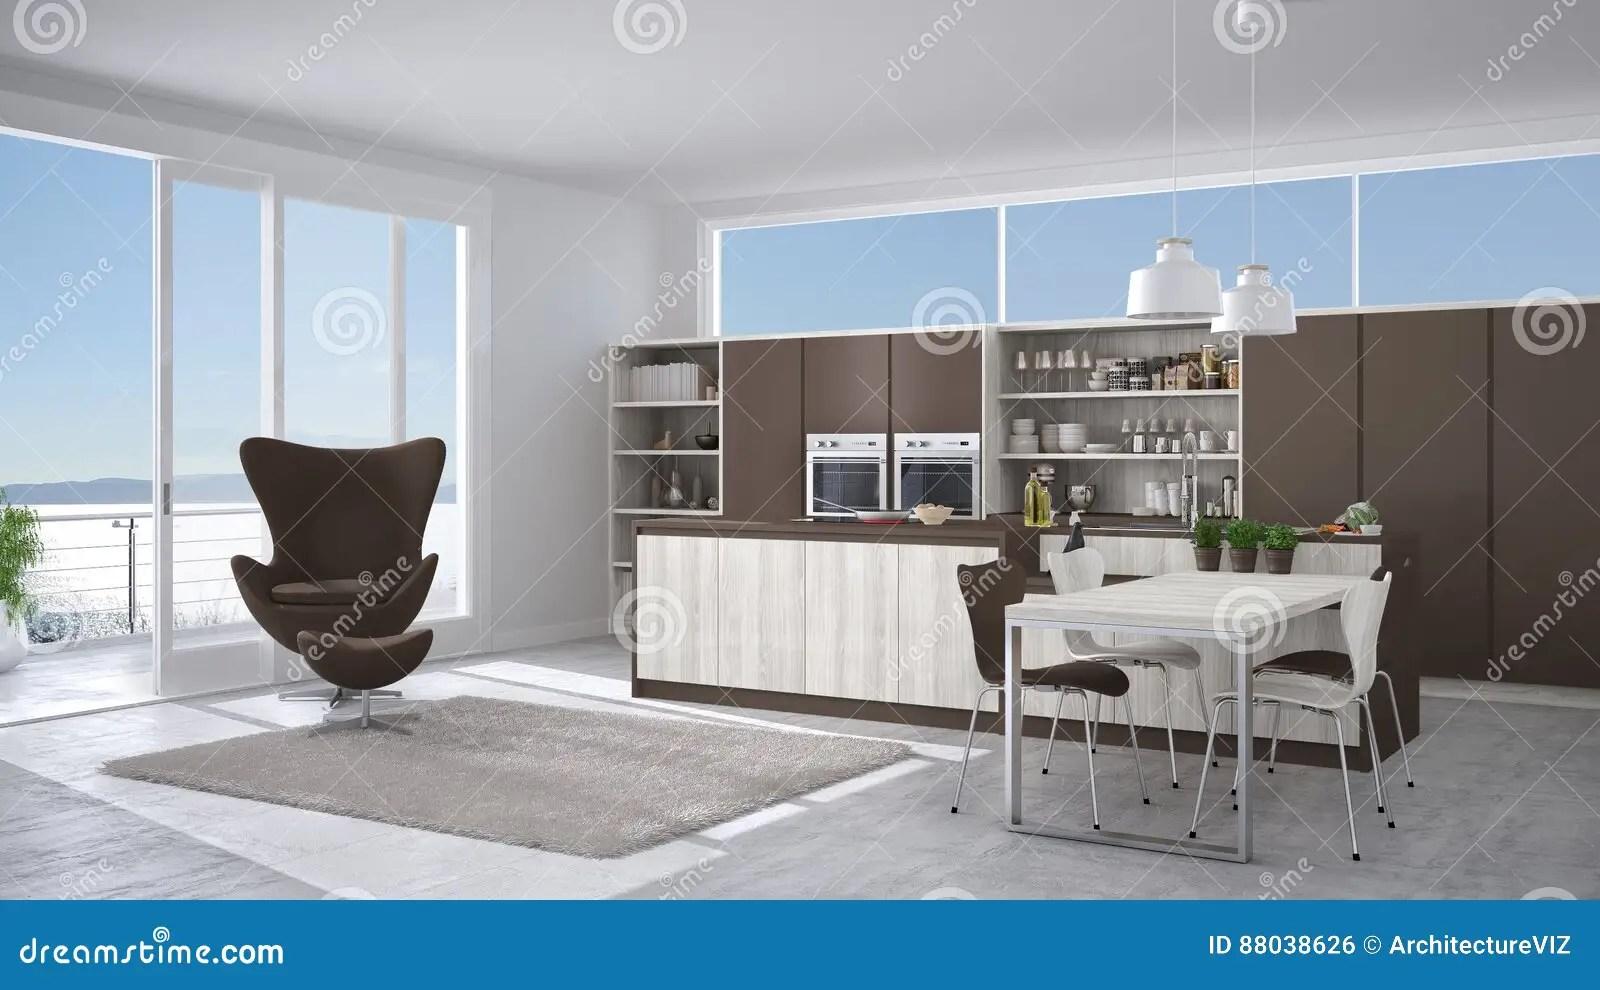 Credenza Moderna Marrone : Cucina moderna bianca e marrone credenza usata